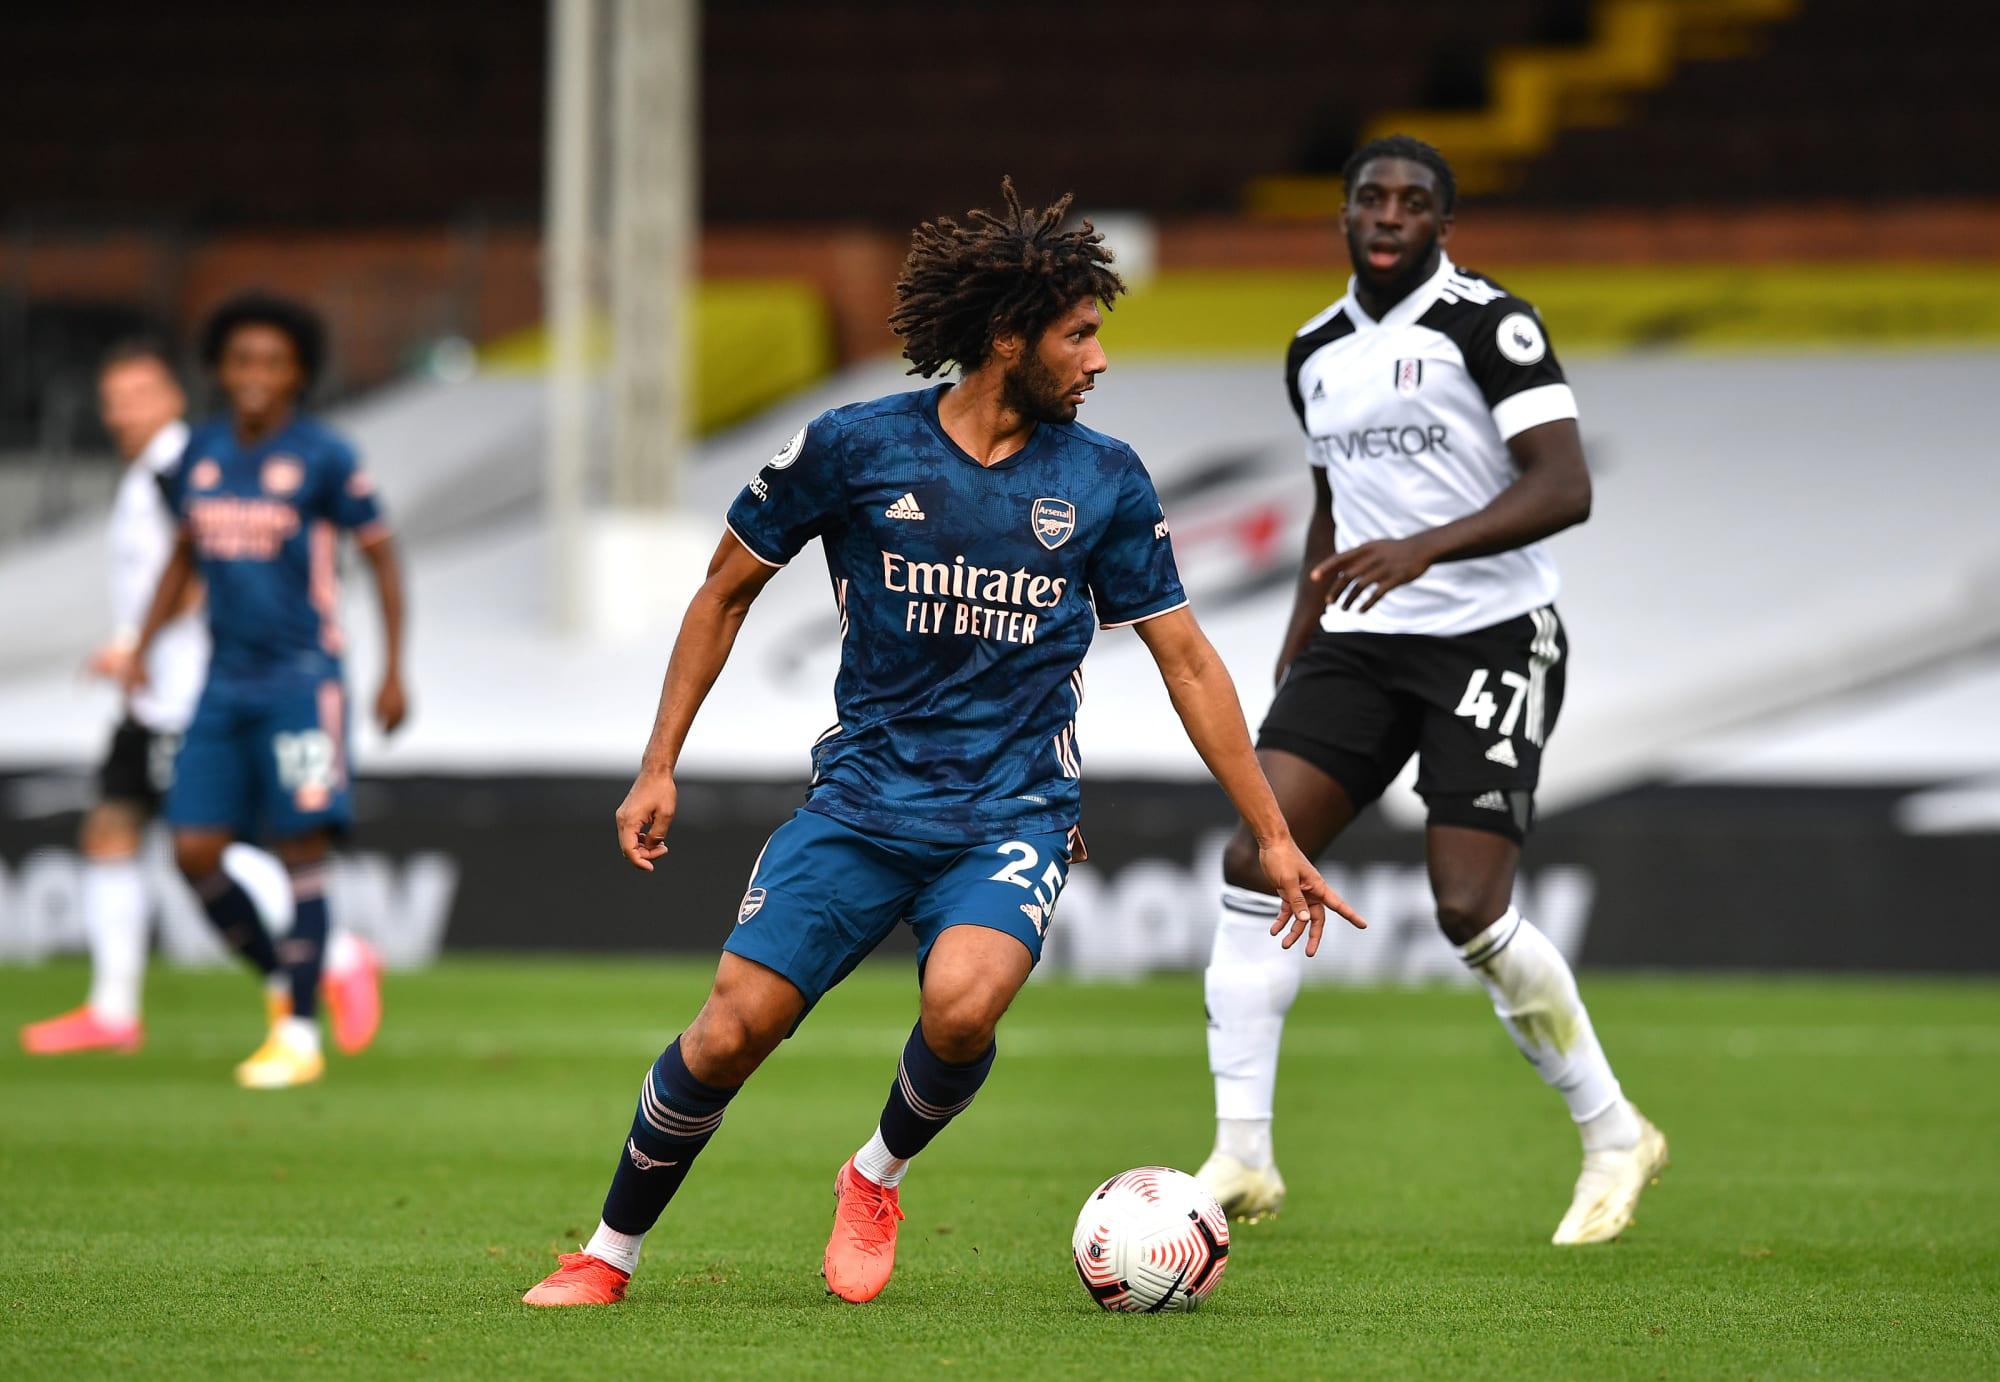 Mohamed Utility Arsenal